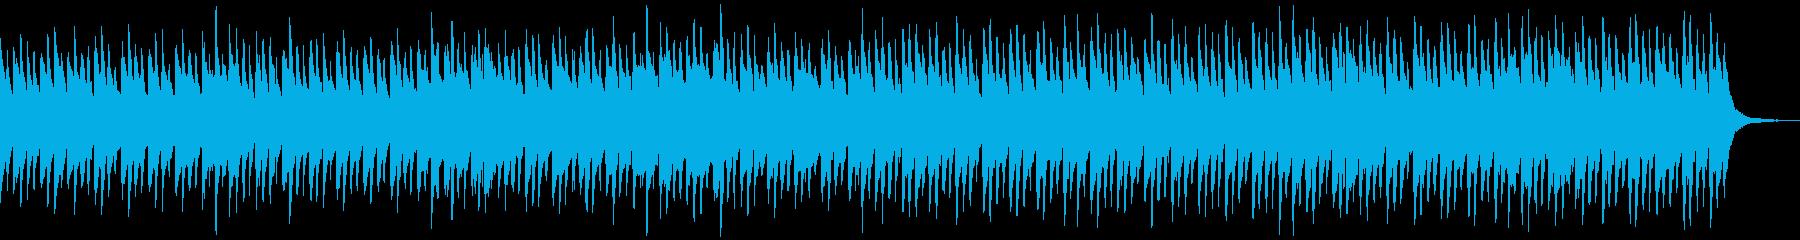 ハープ・癒し・ヒーリングの再生済みの波形